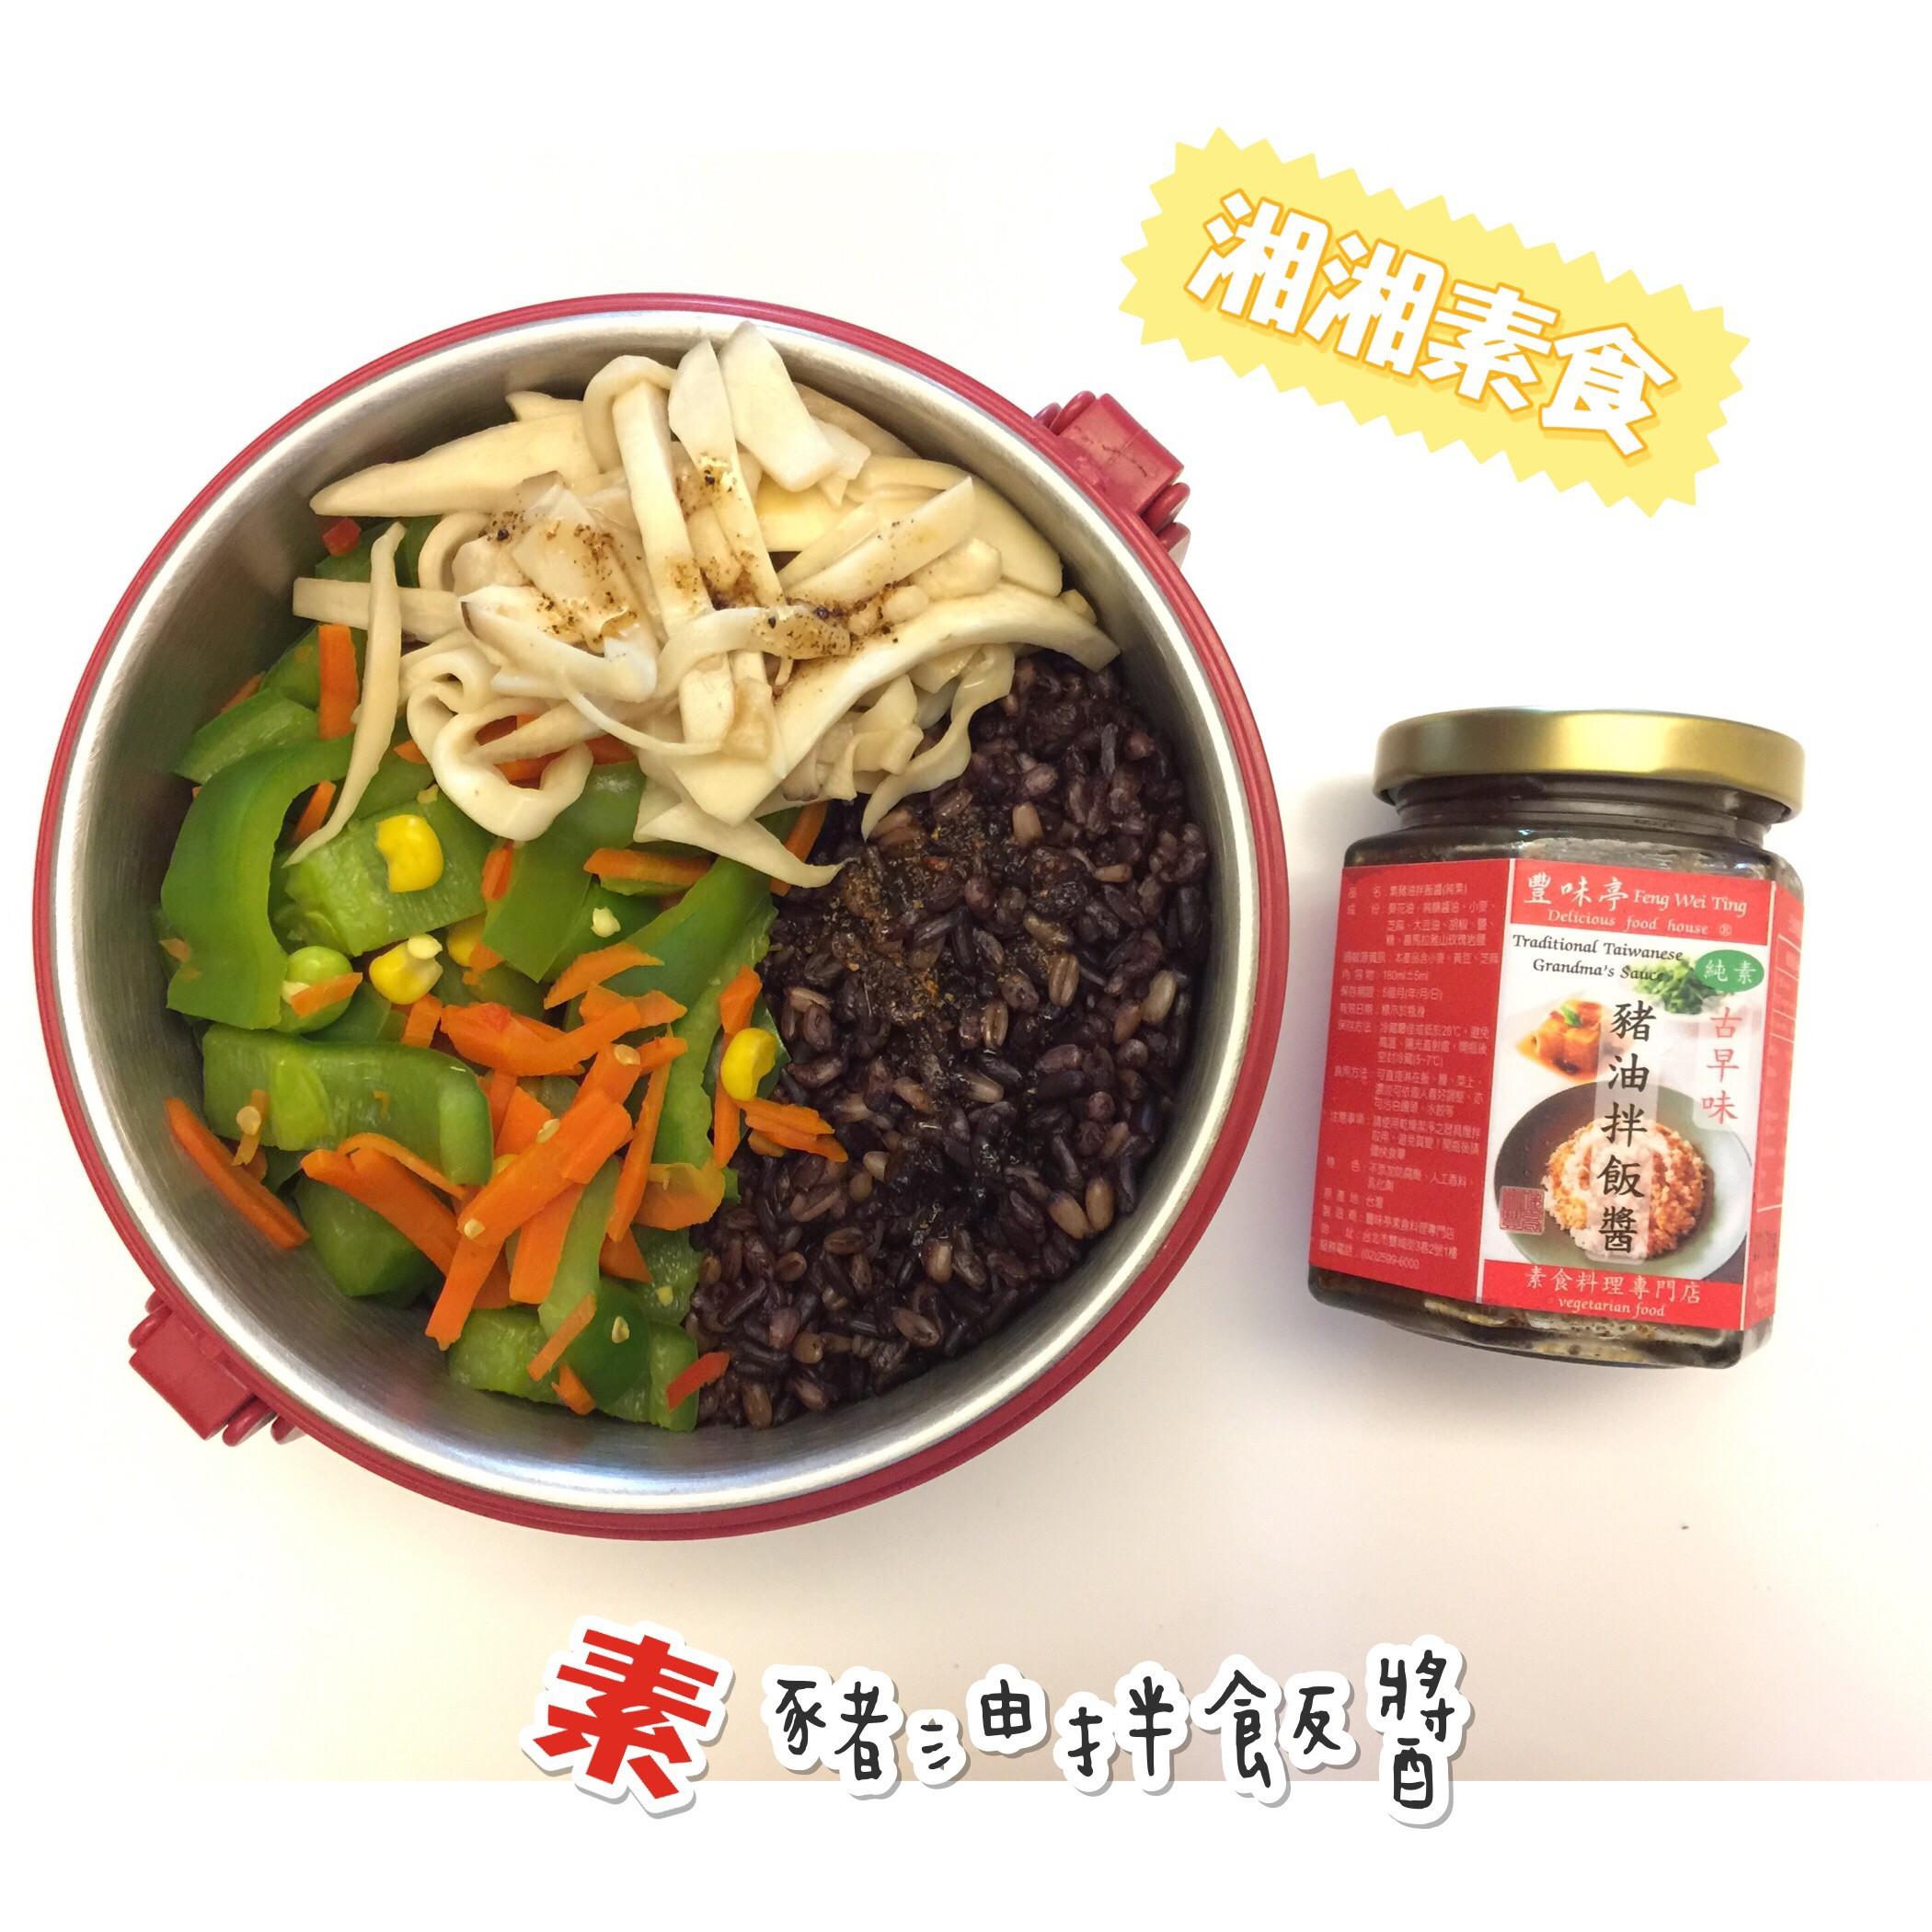 自製便當之豬油拌飯醬/素食